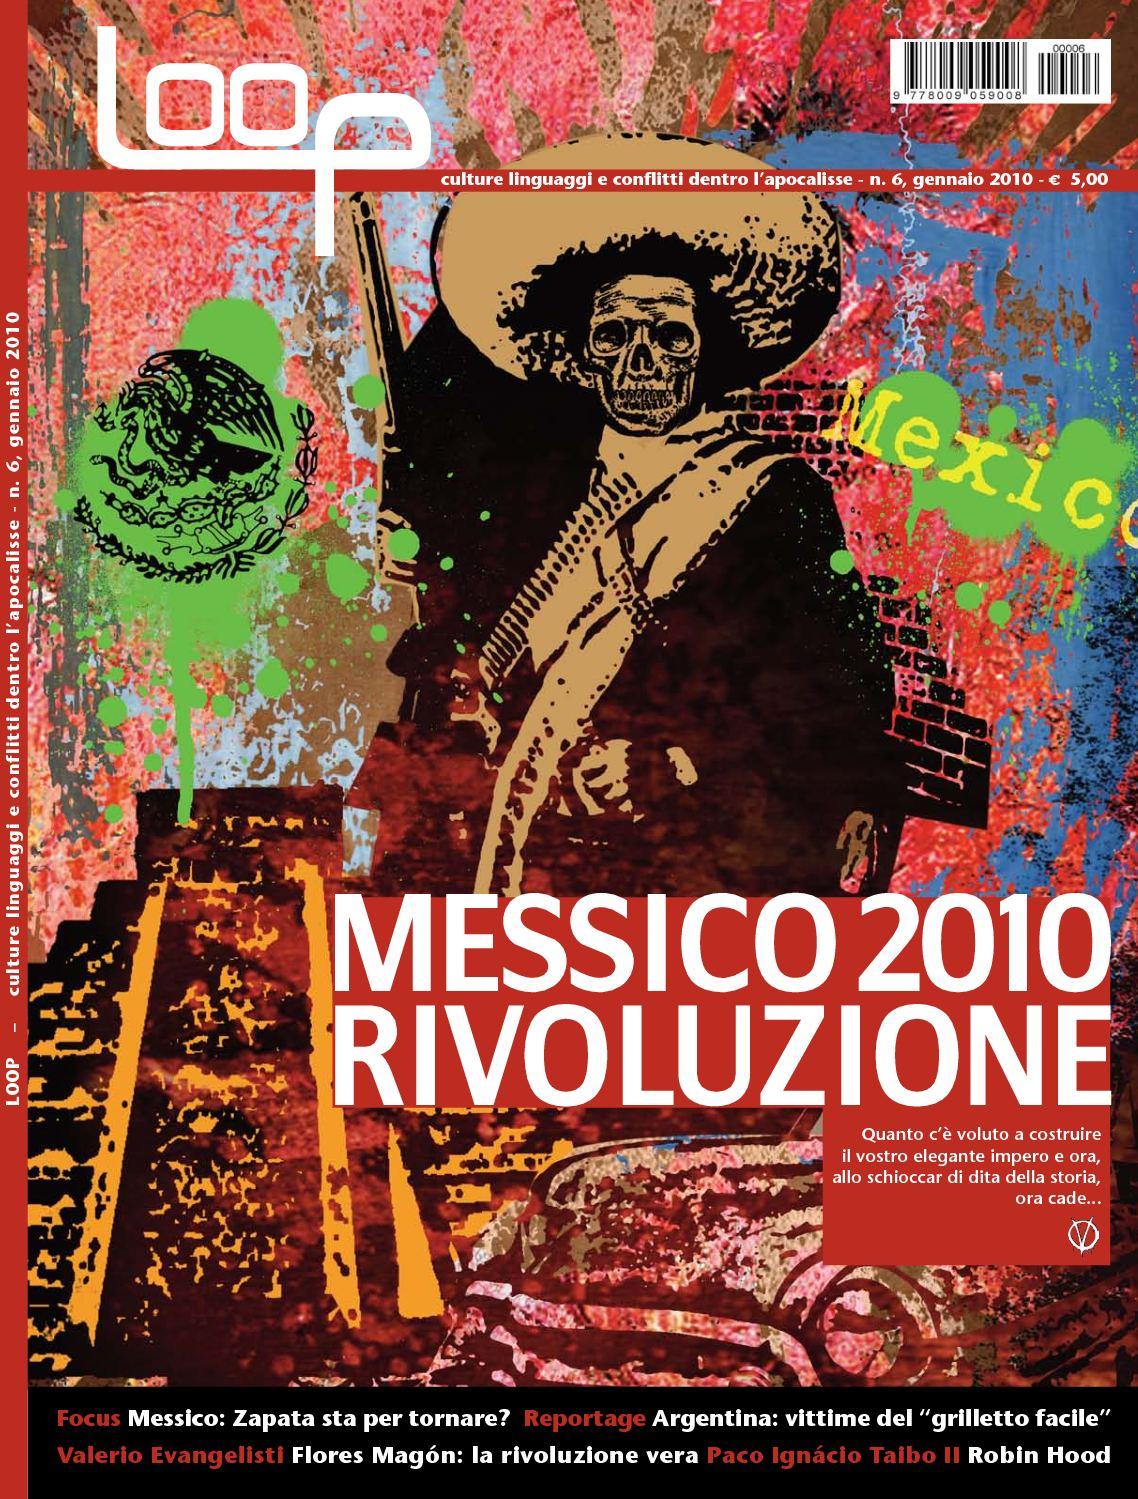 Velocità datazione Veracruz